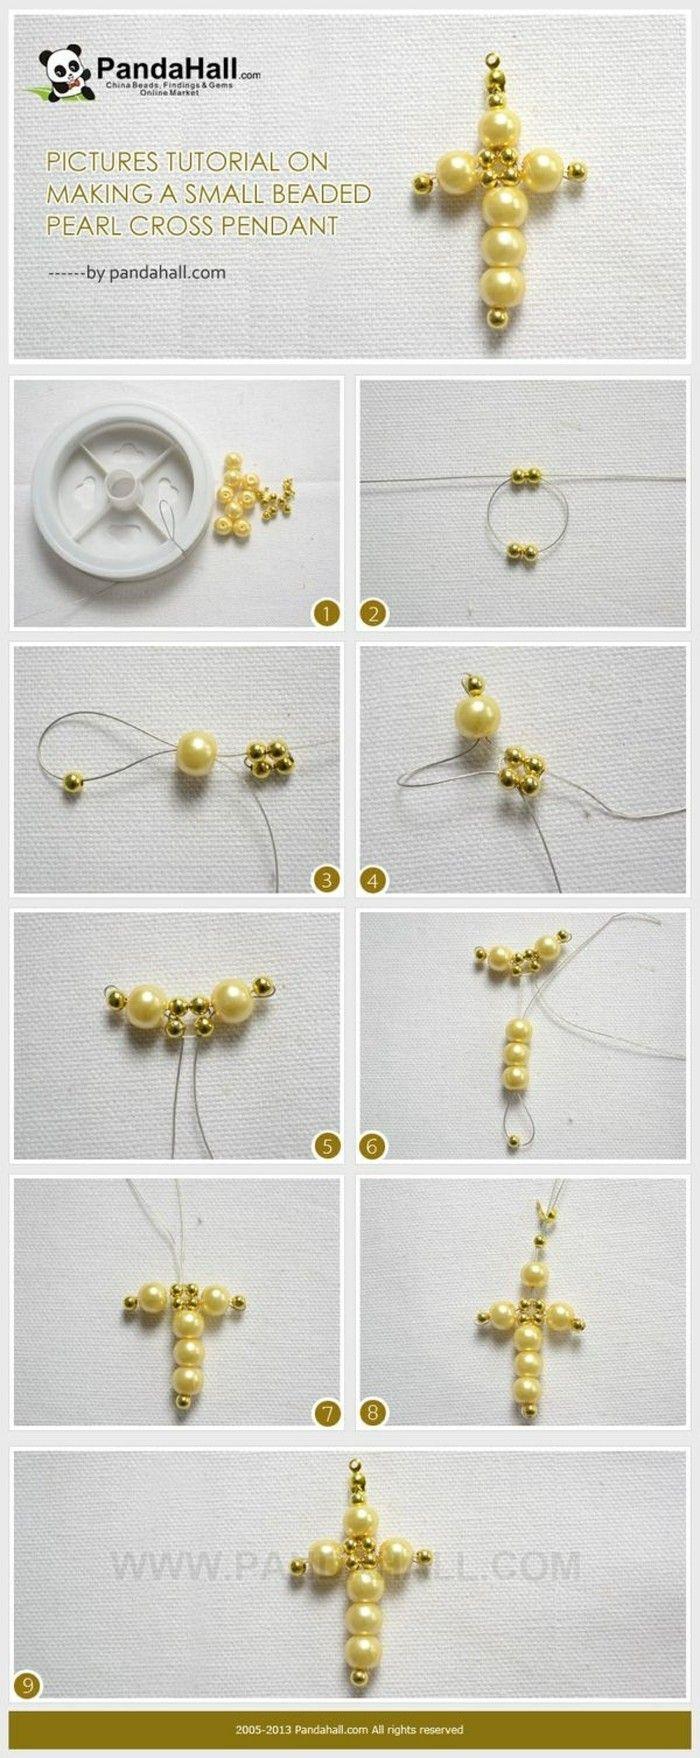 饰品DIY教程:制作一个小钉珠珍珠十字架吊坠